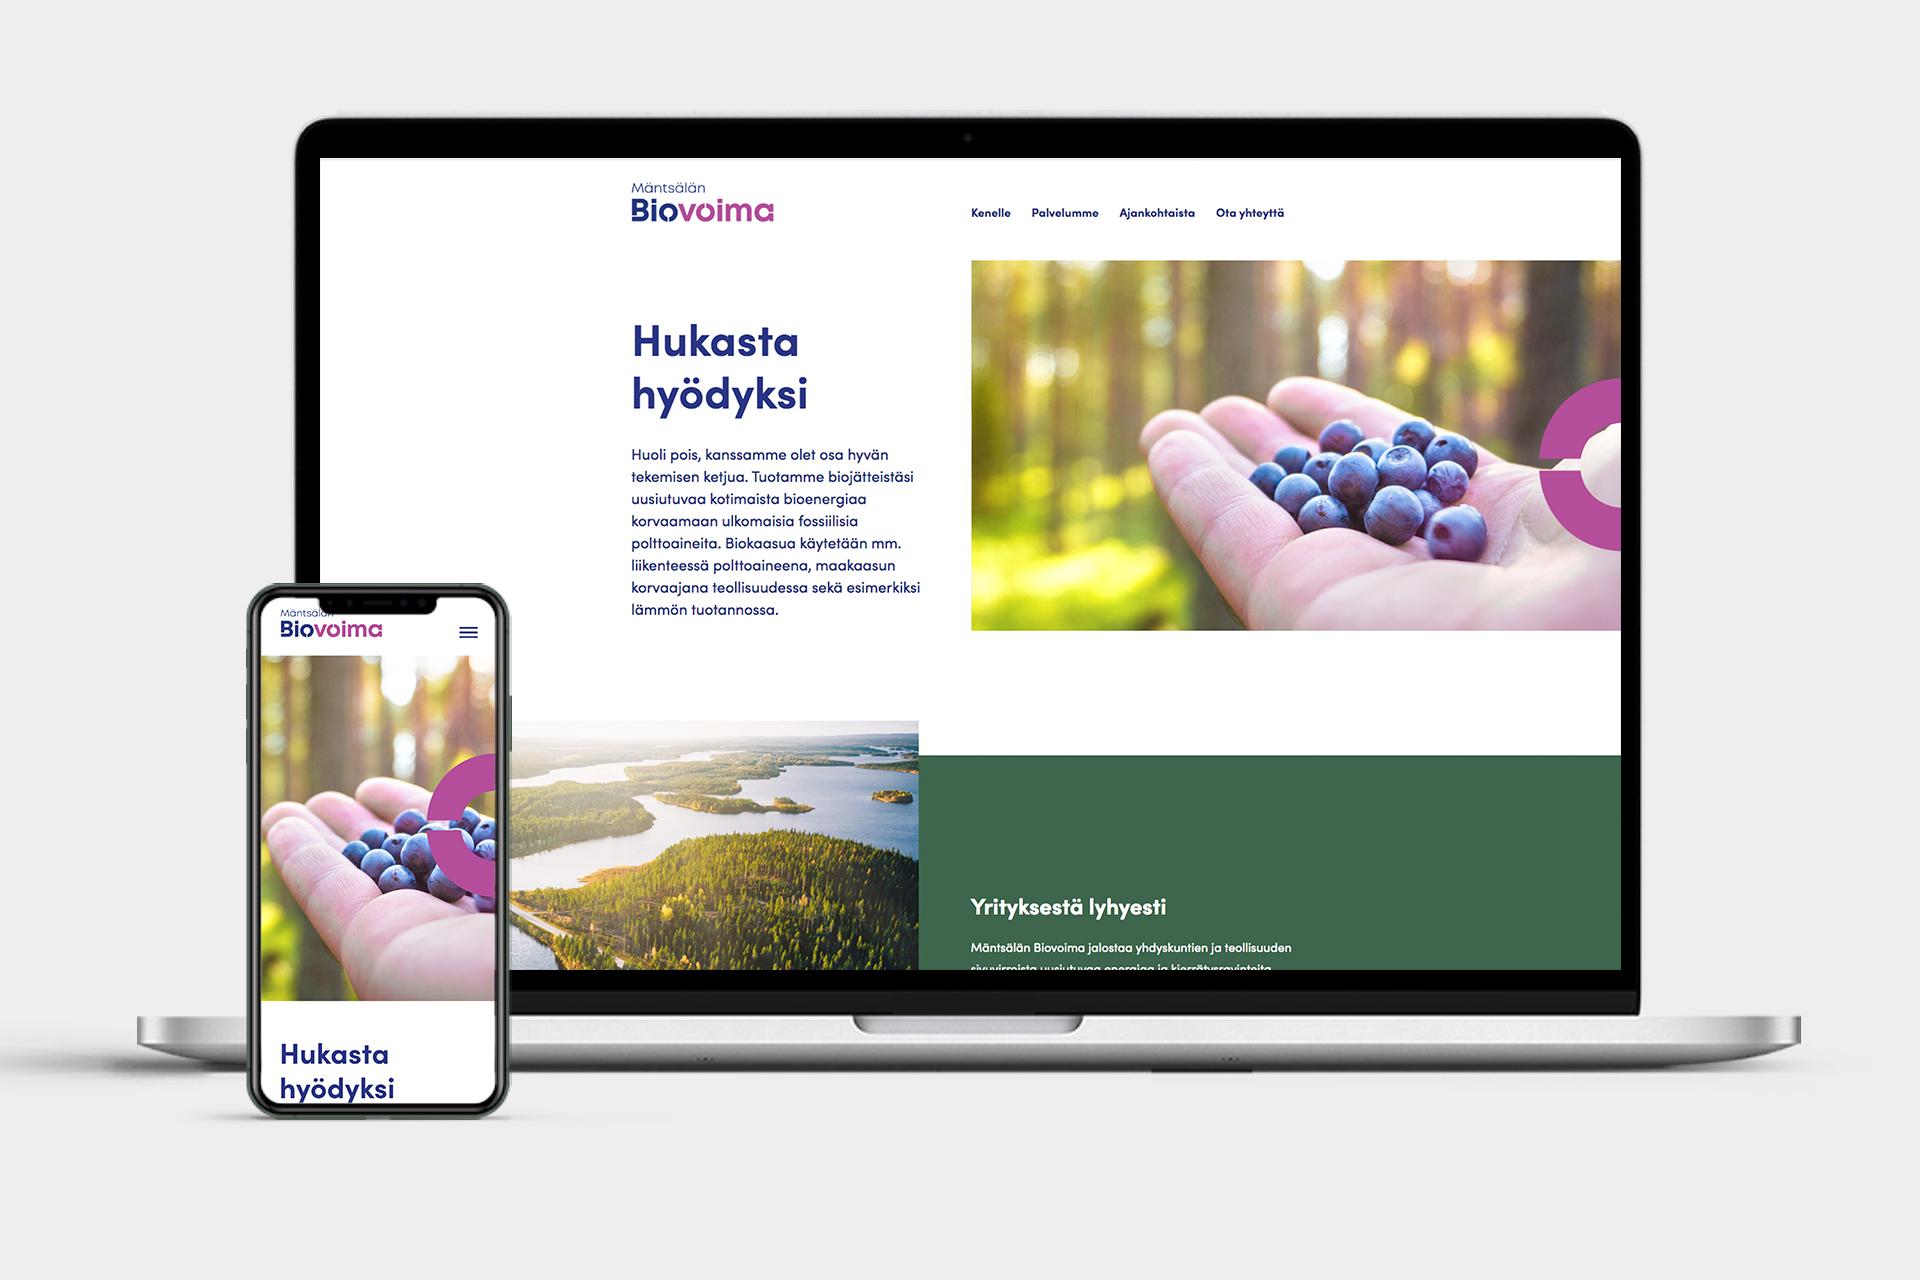 Mäntsälän Biovoima verkkosivut